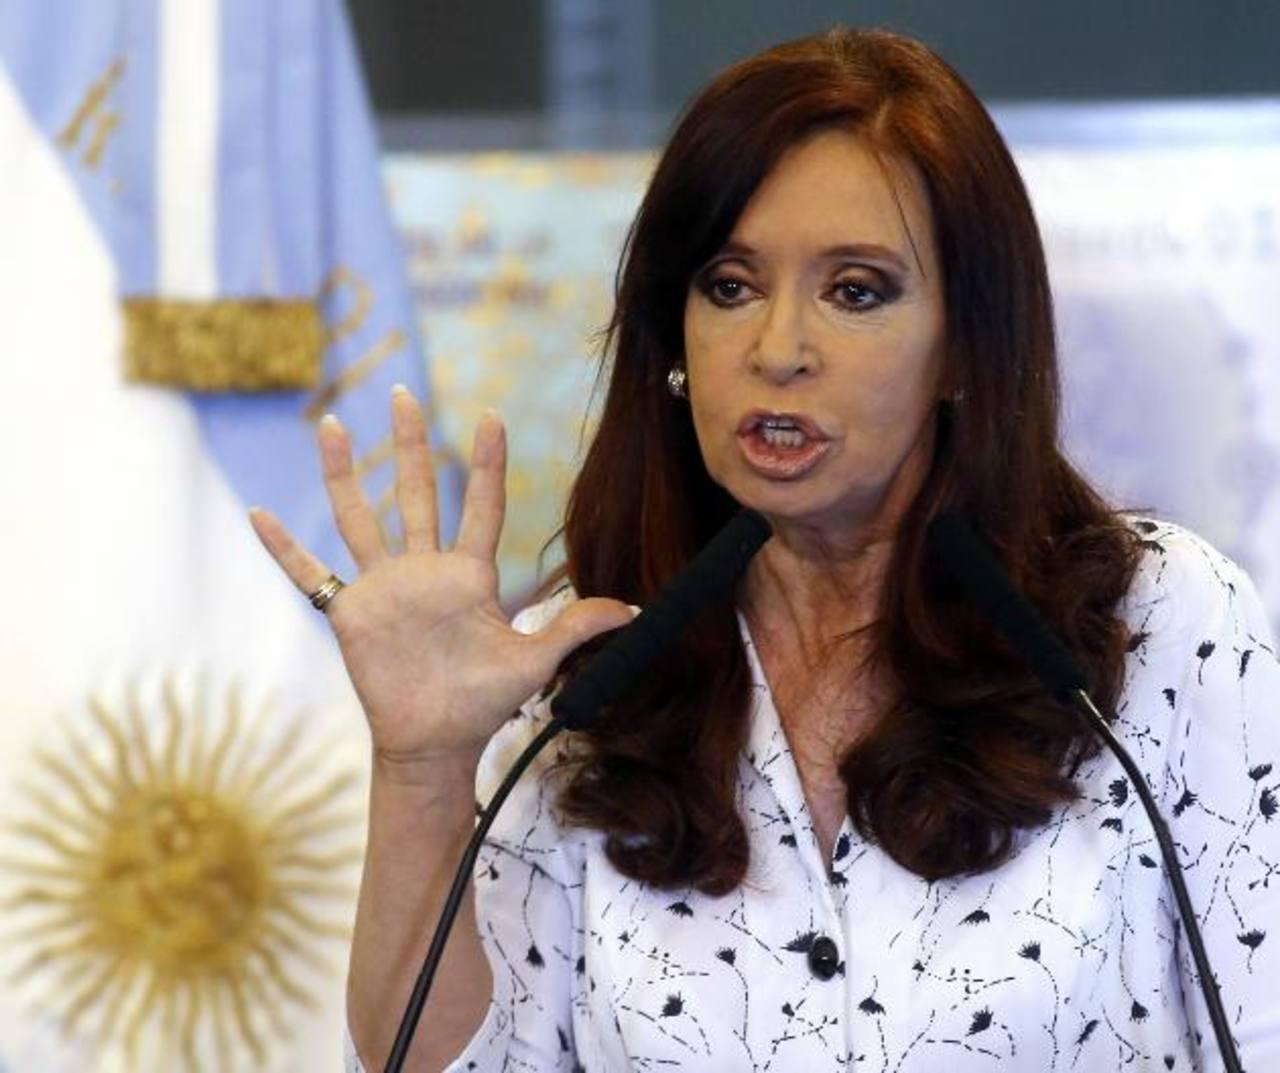 La mandataria argentina se había ausentado para tratar su hematoma craneal y ahora le aqueja lumbalgia en momentos en que su país es afectado por una severa inflación.